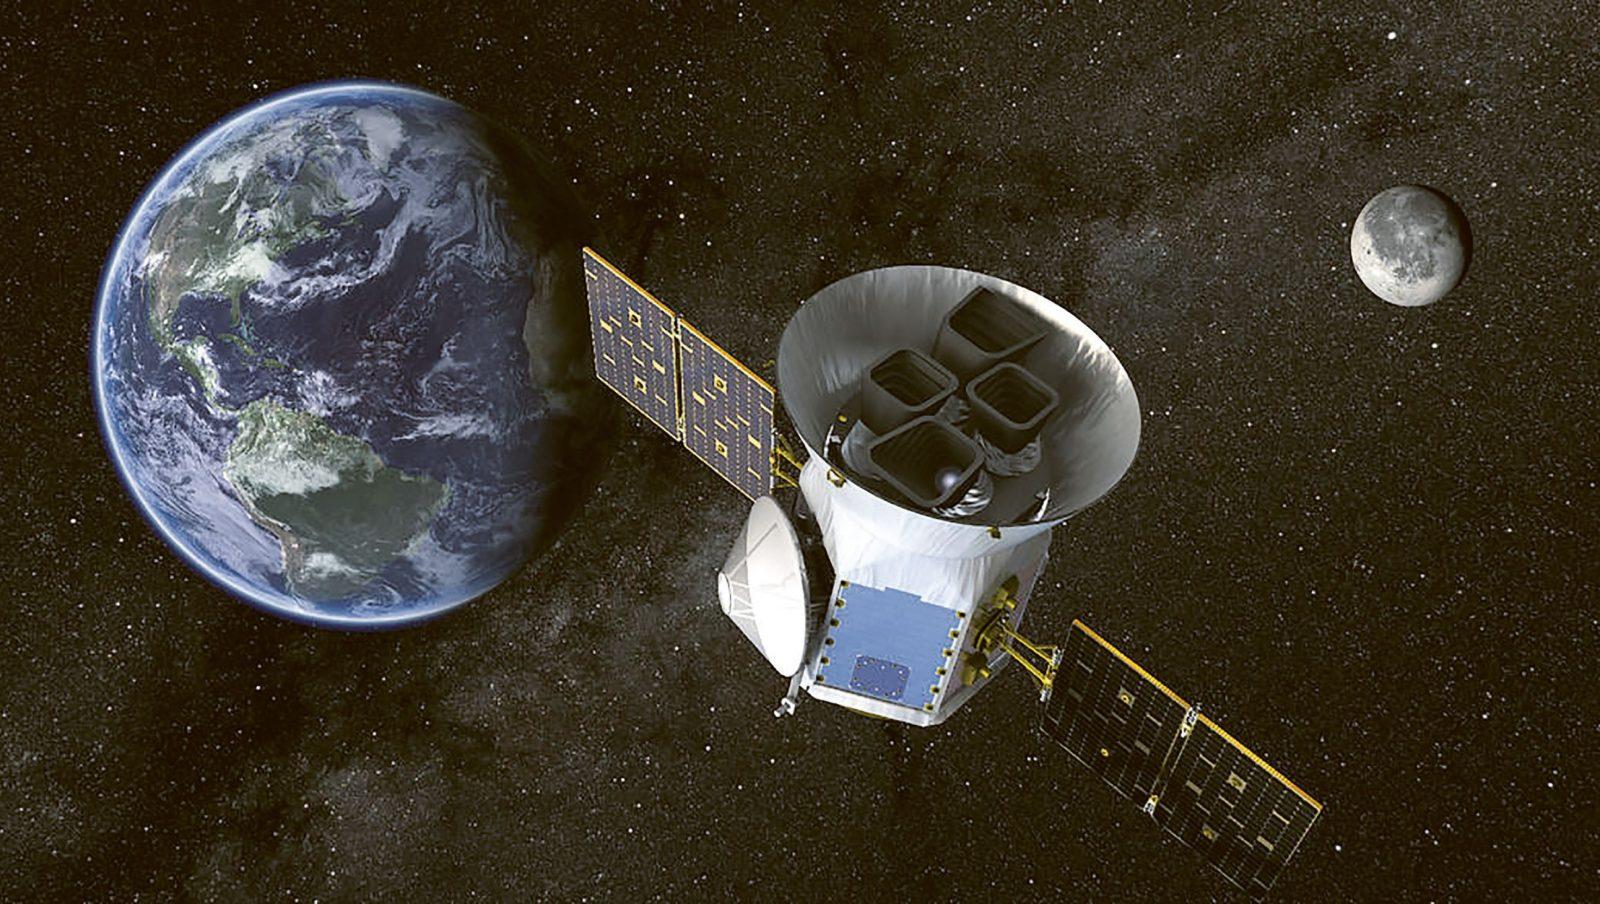 Milyen messze lehet mérni a szén-dioxid-randevúkat